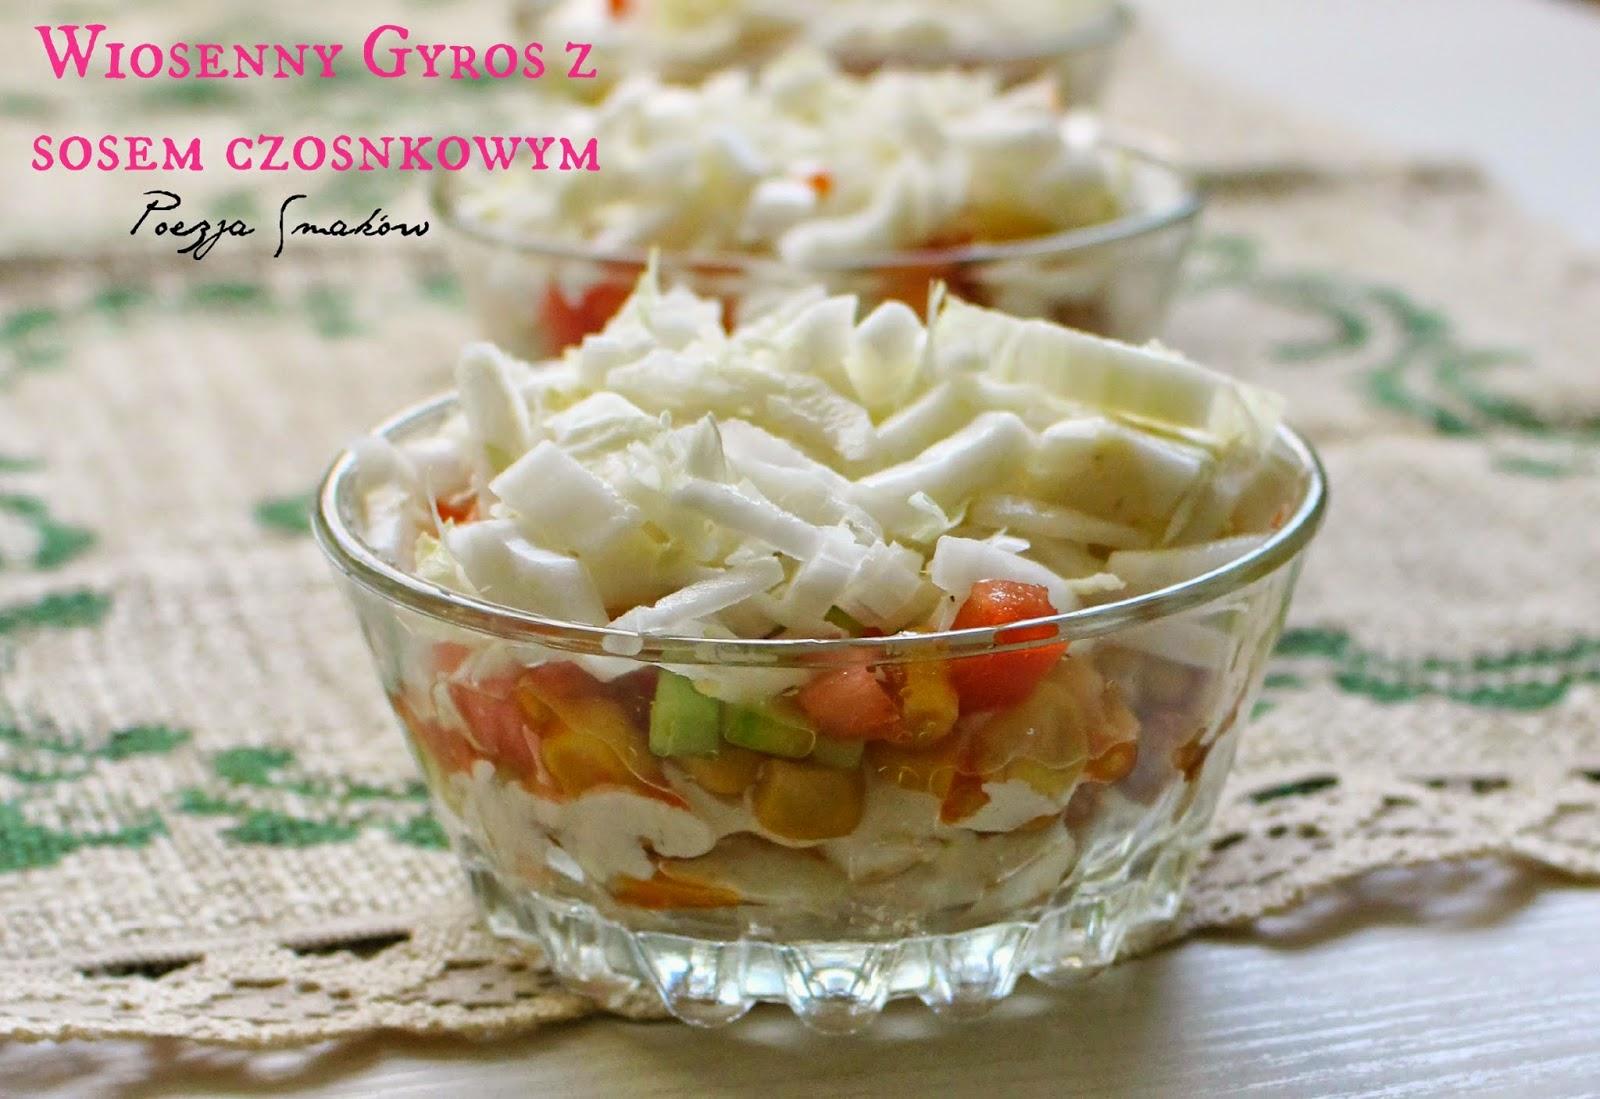 Wiosenny Gyros z sosem czosnkowym - sałatka w wersji light.